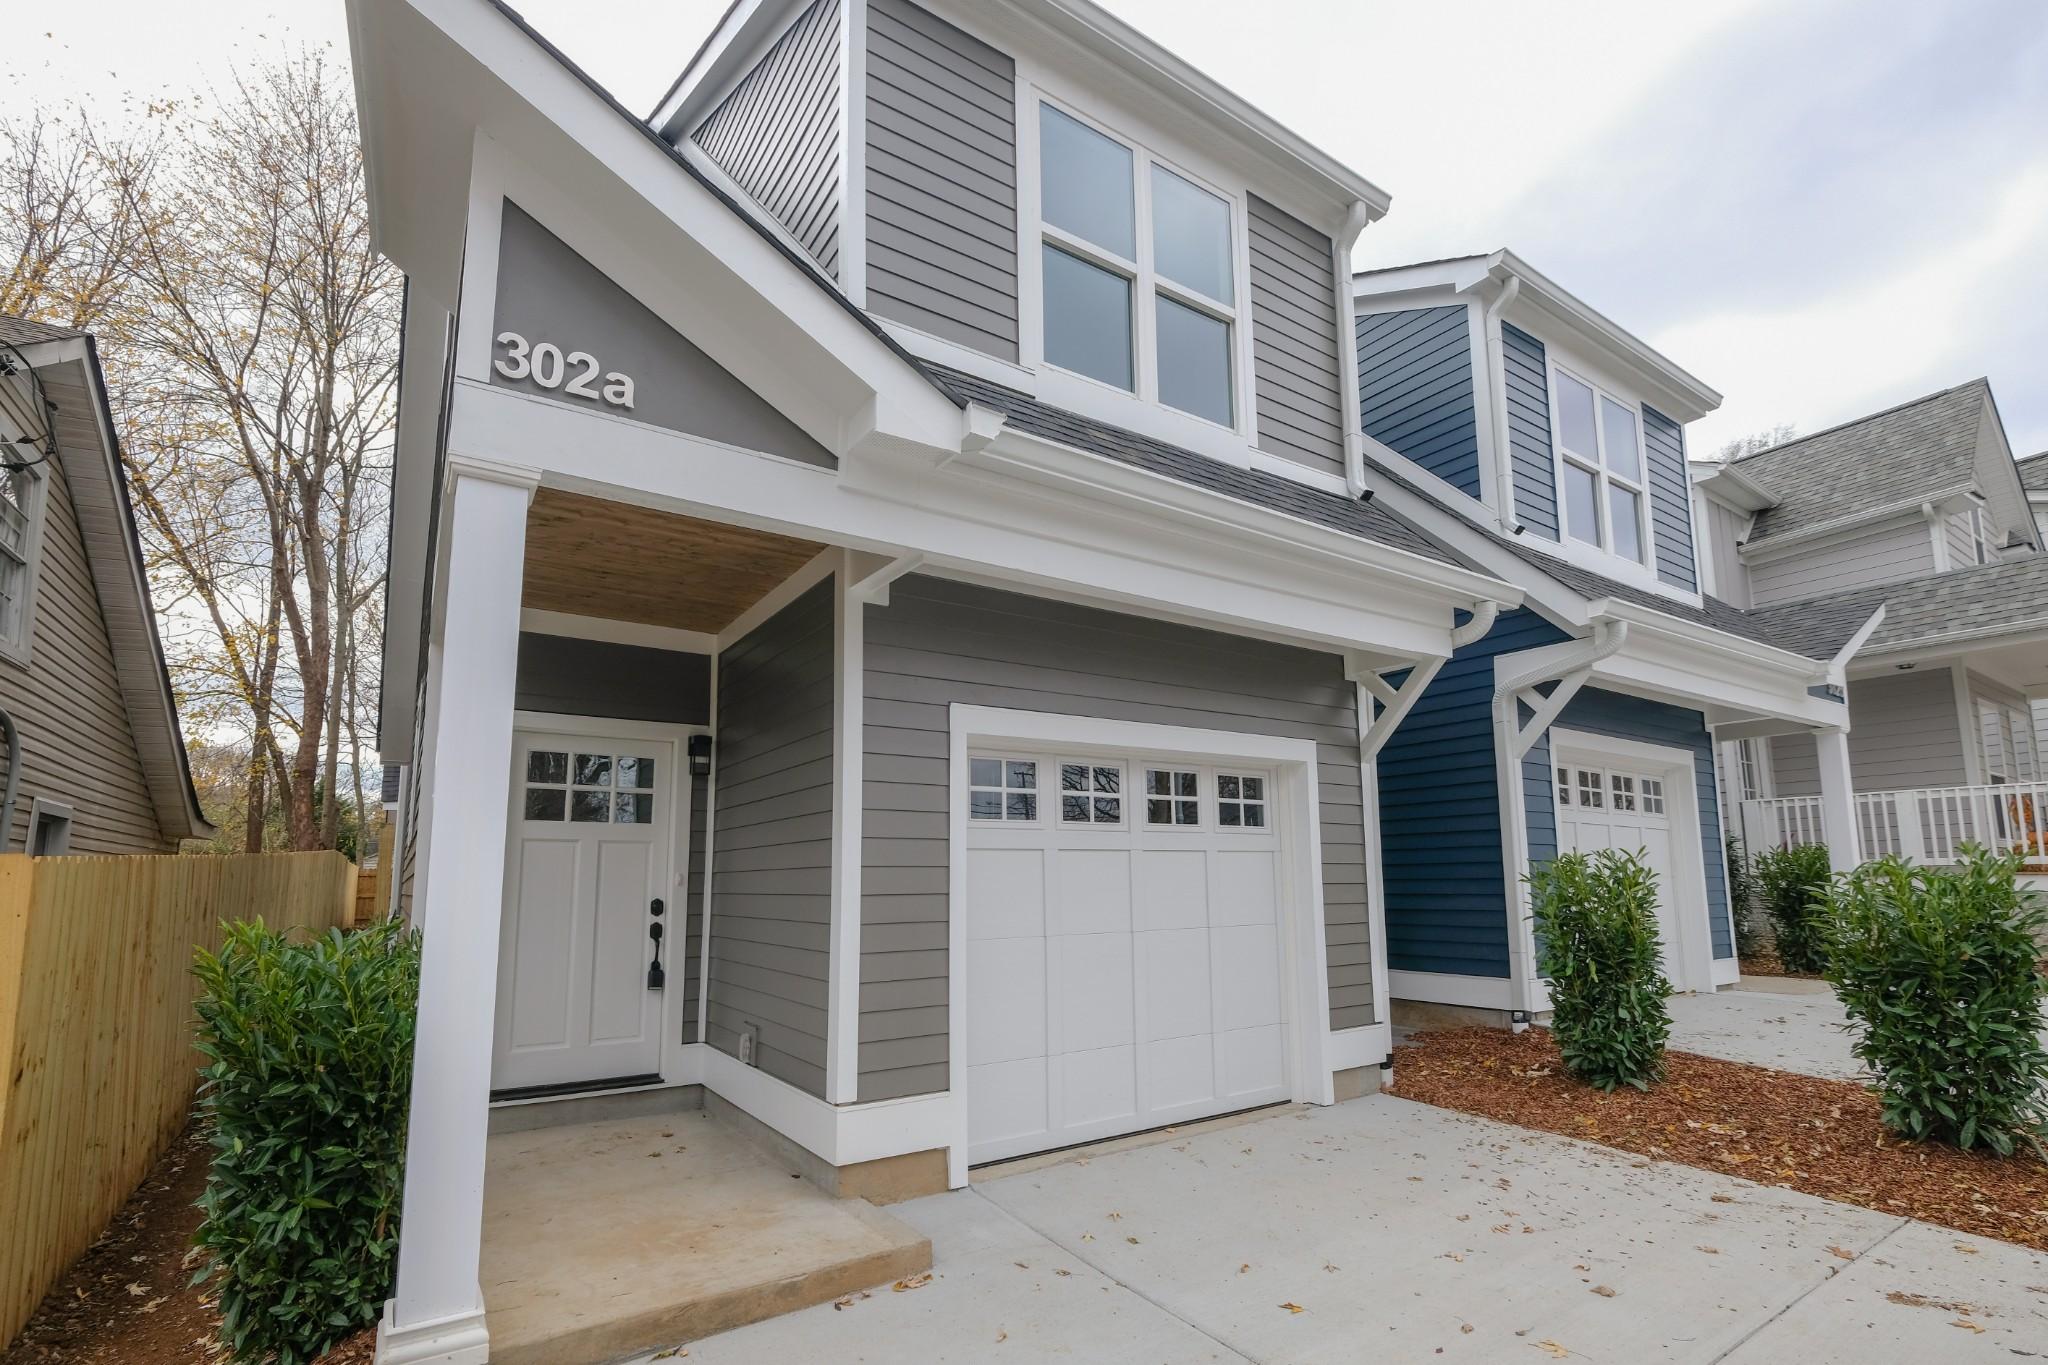 302a Vivelle Ave Property Photo